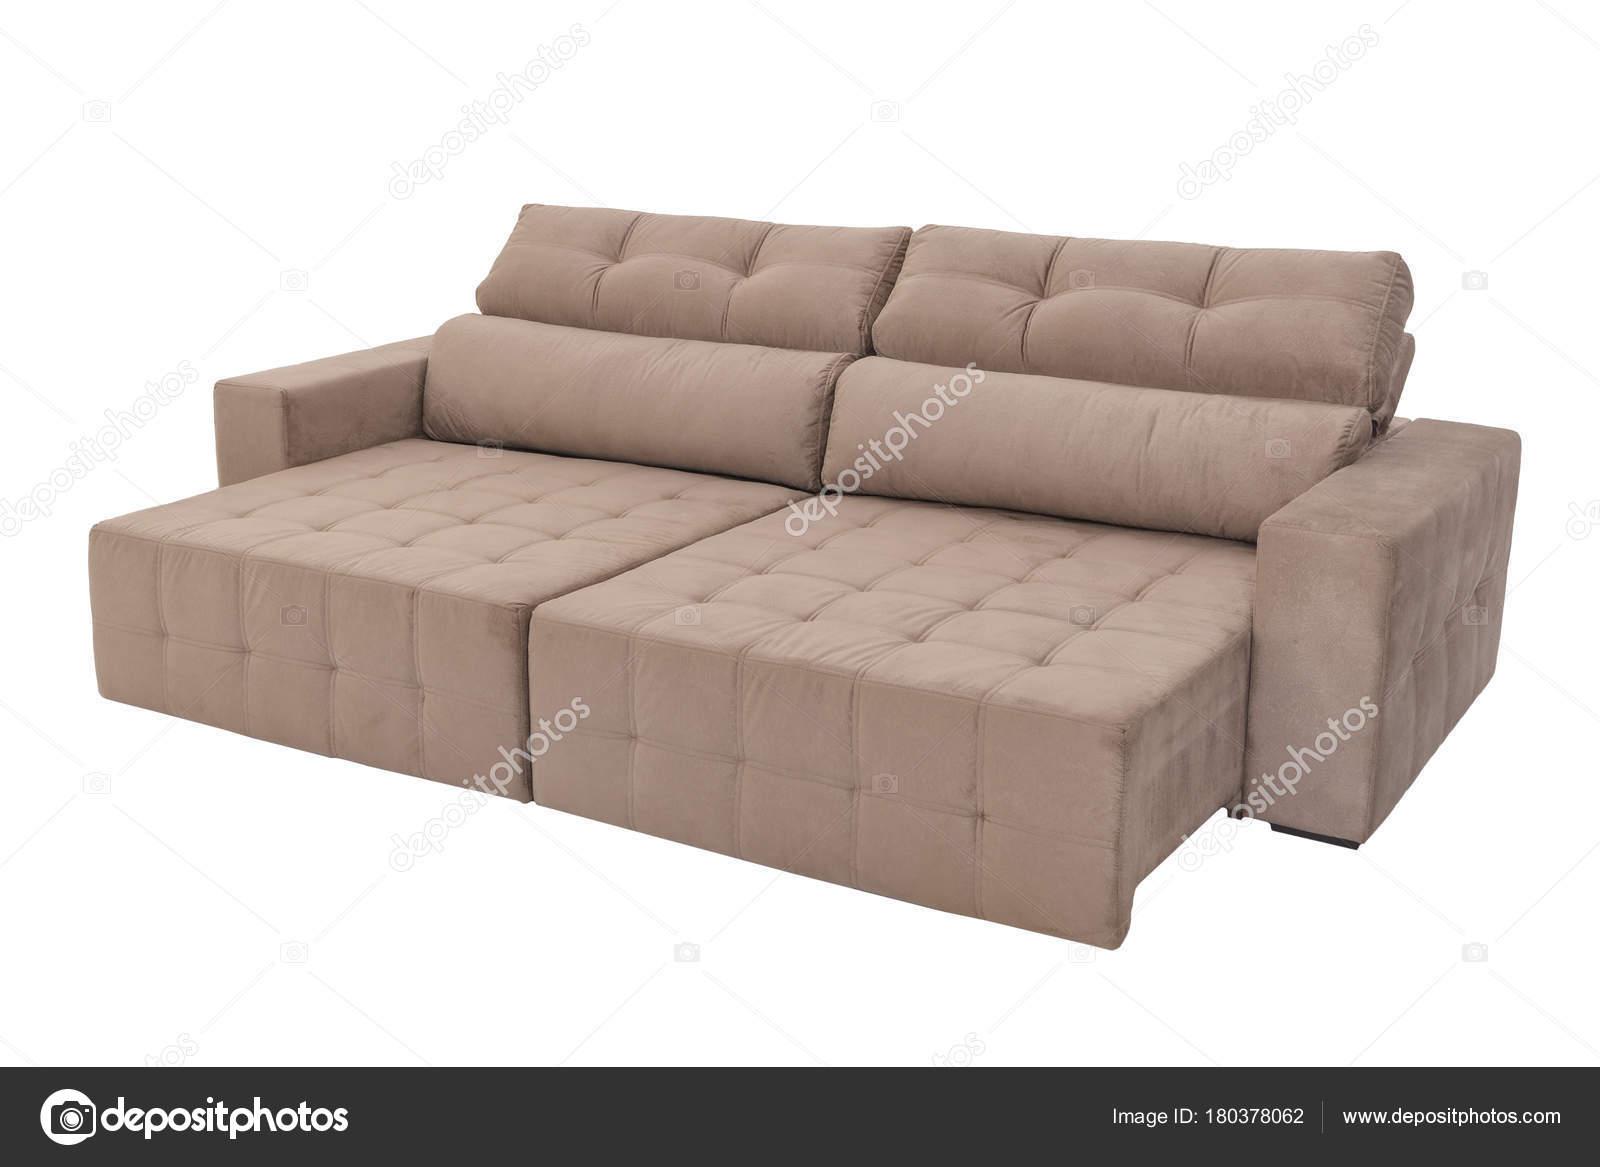 Moderne braune Wildleder Couch Sofa isoliert — Stockfoto ...